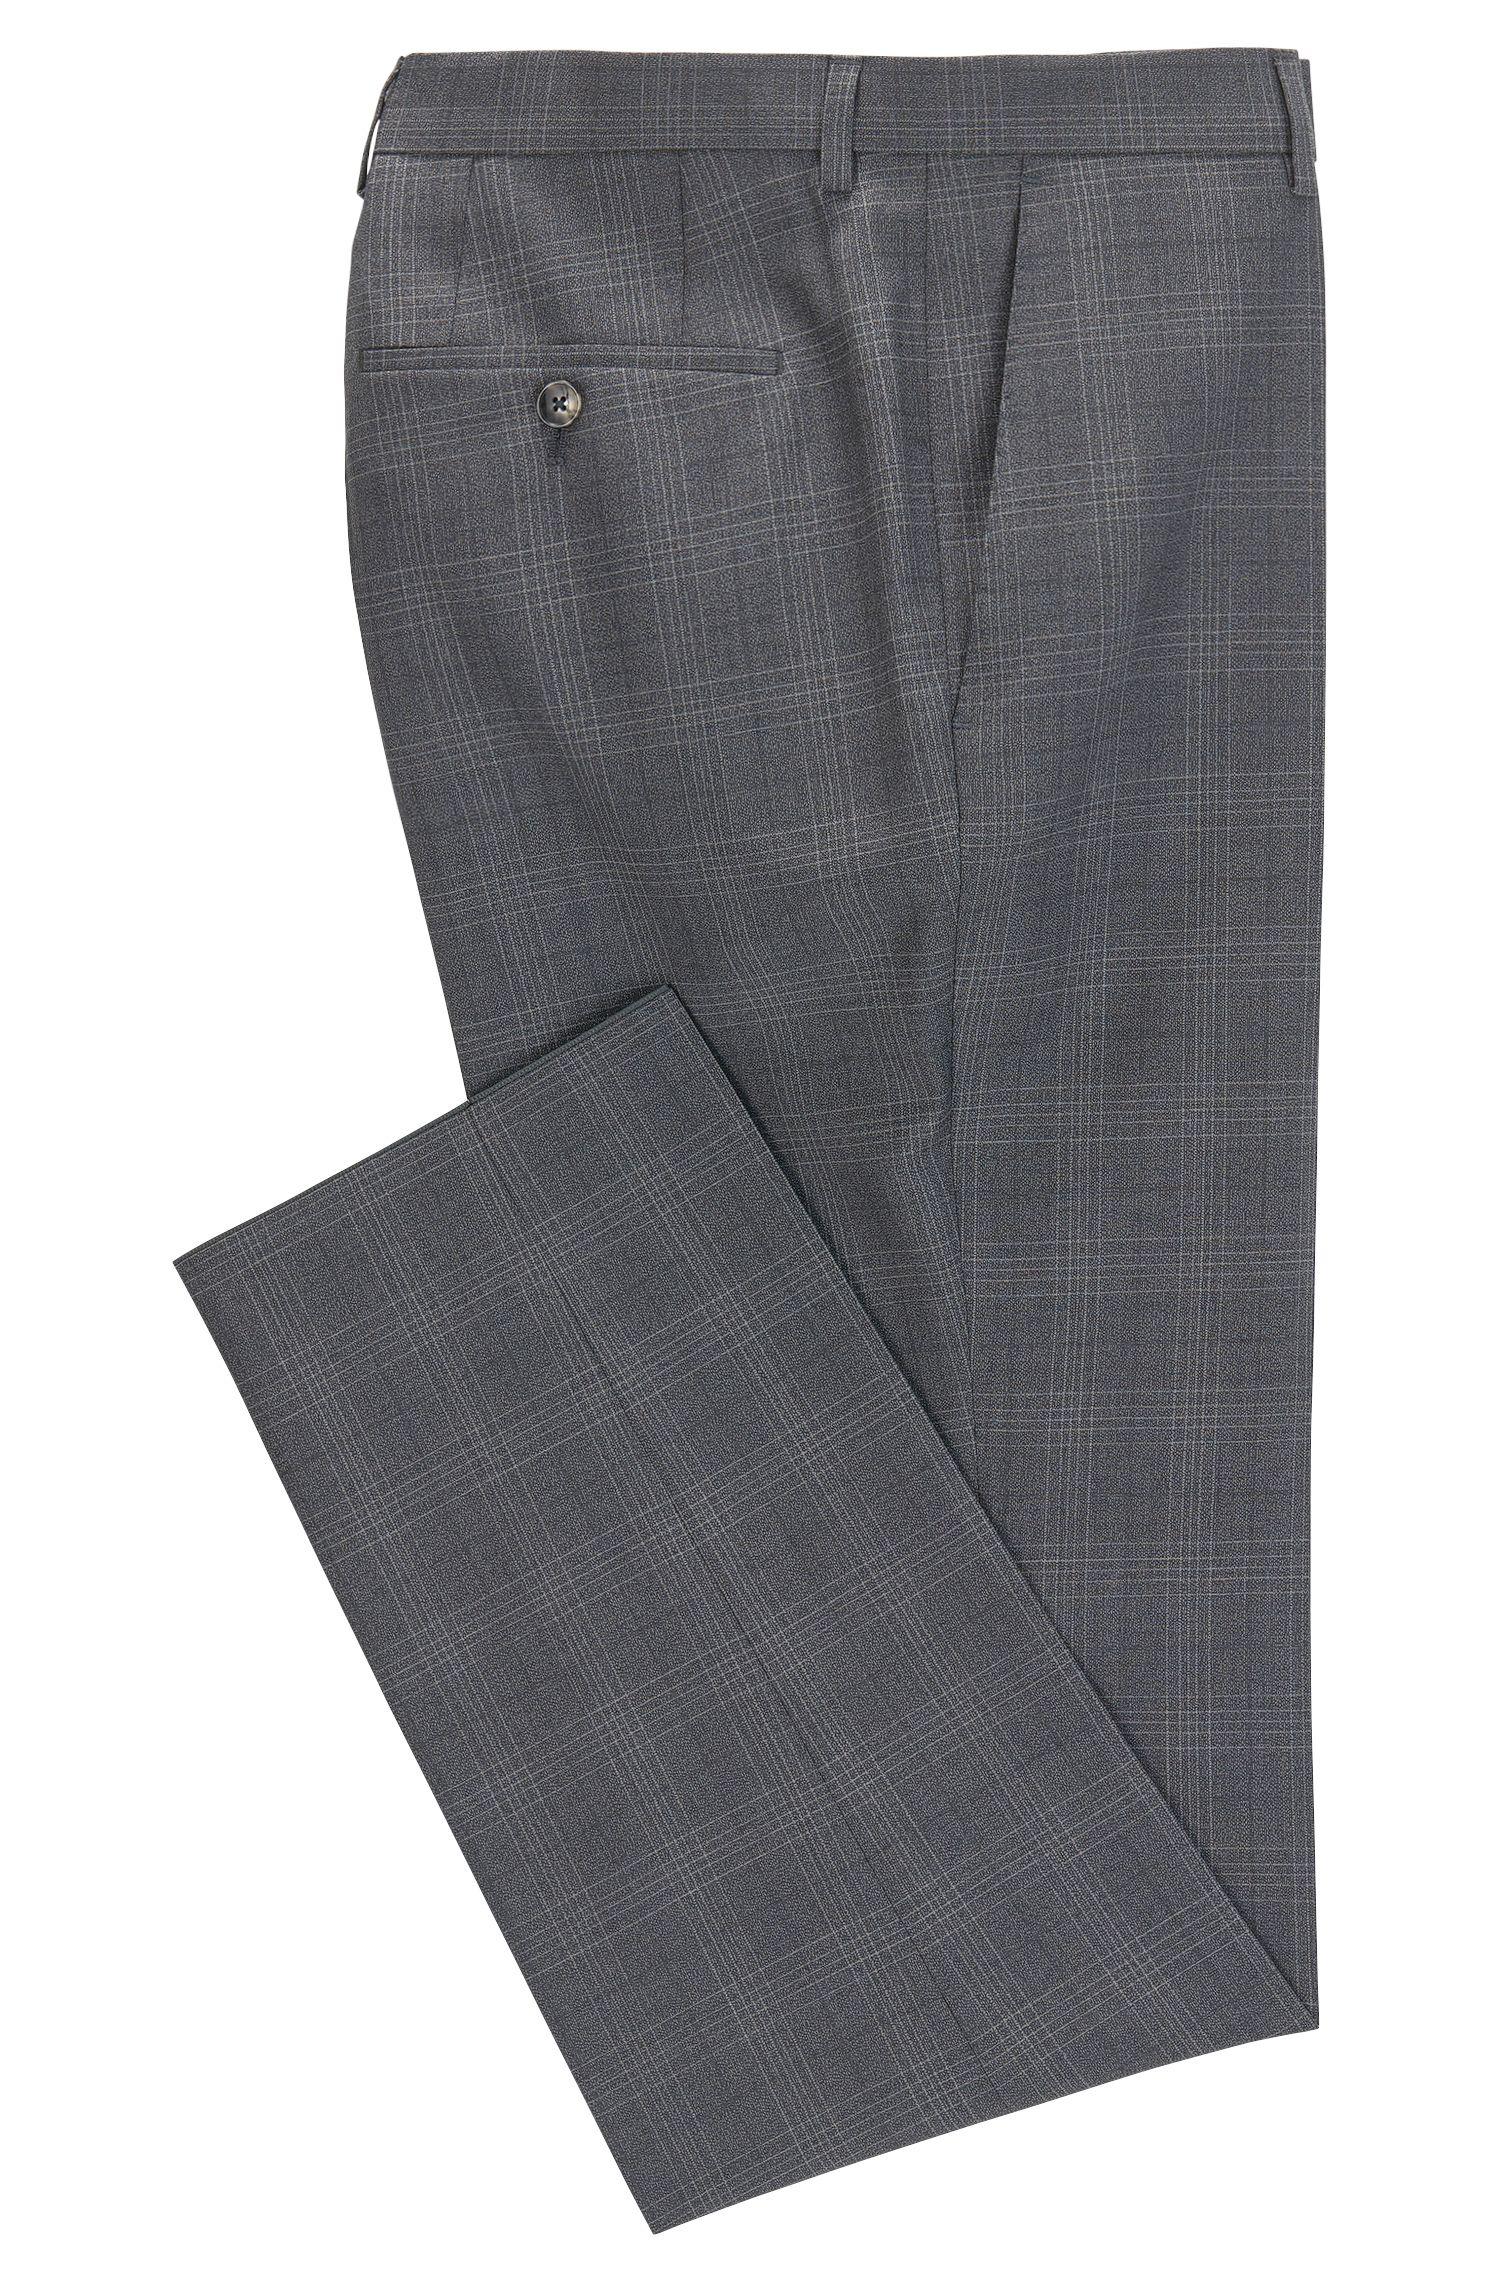 Glen Check Virgin Wool Dress Pant, Slim Fit | Genesis